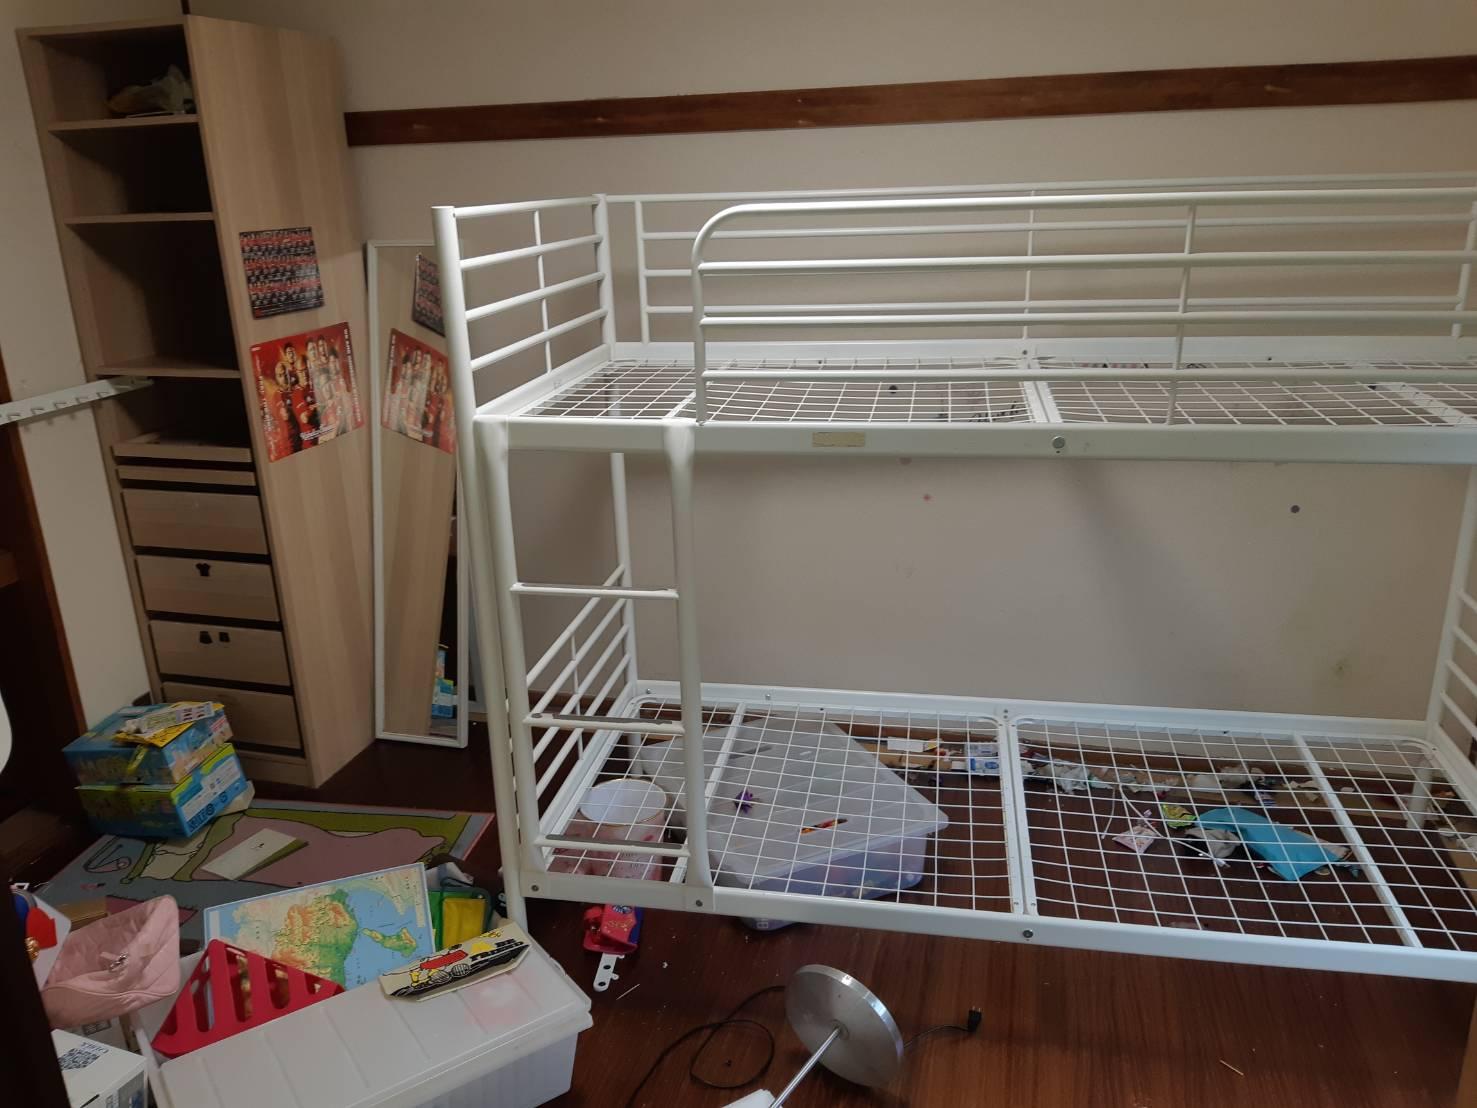 ベッド、収納、雑貨類の回収前